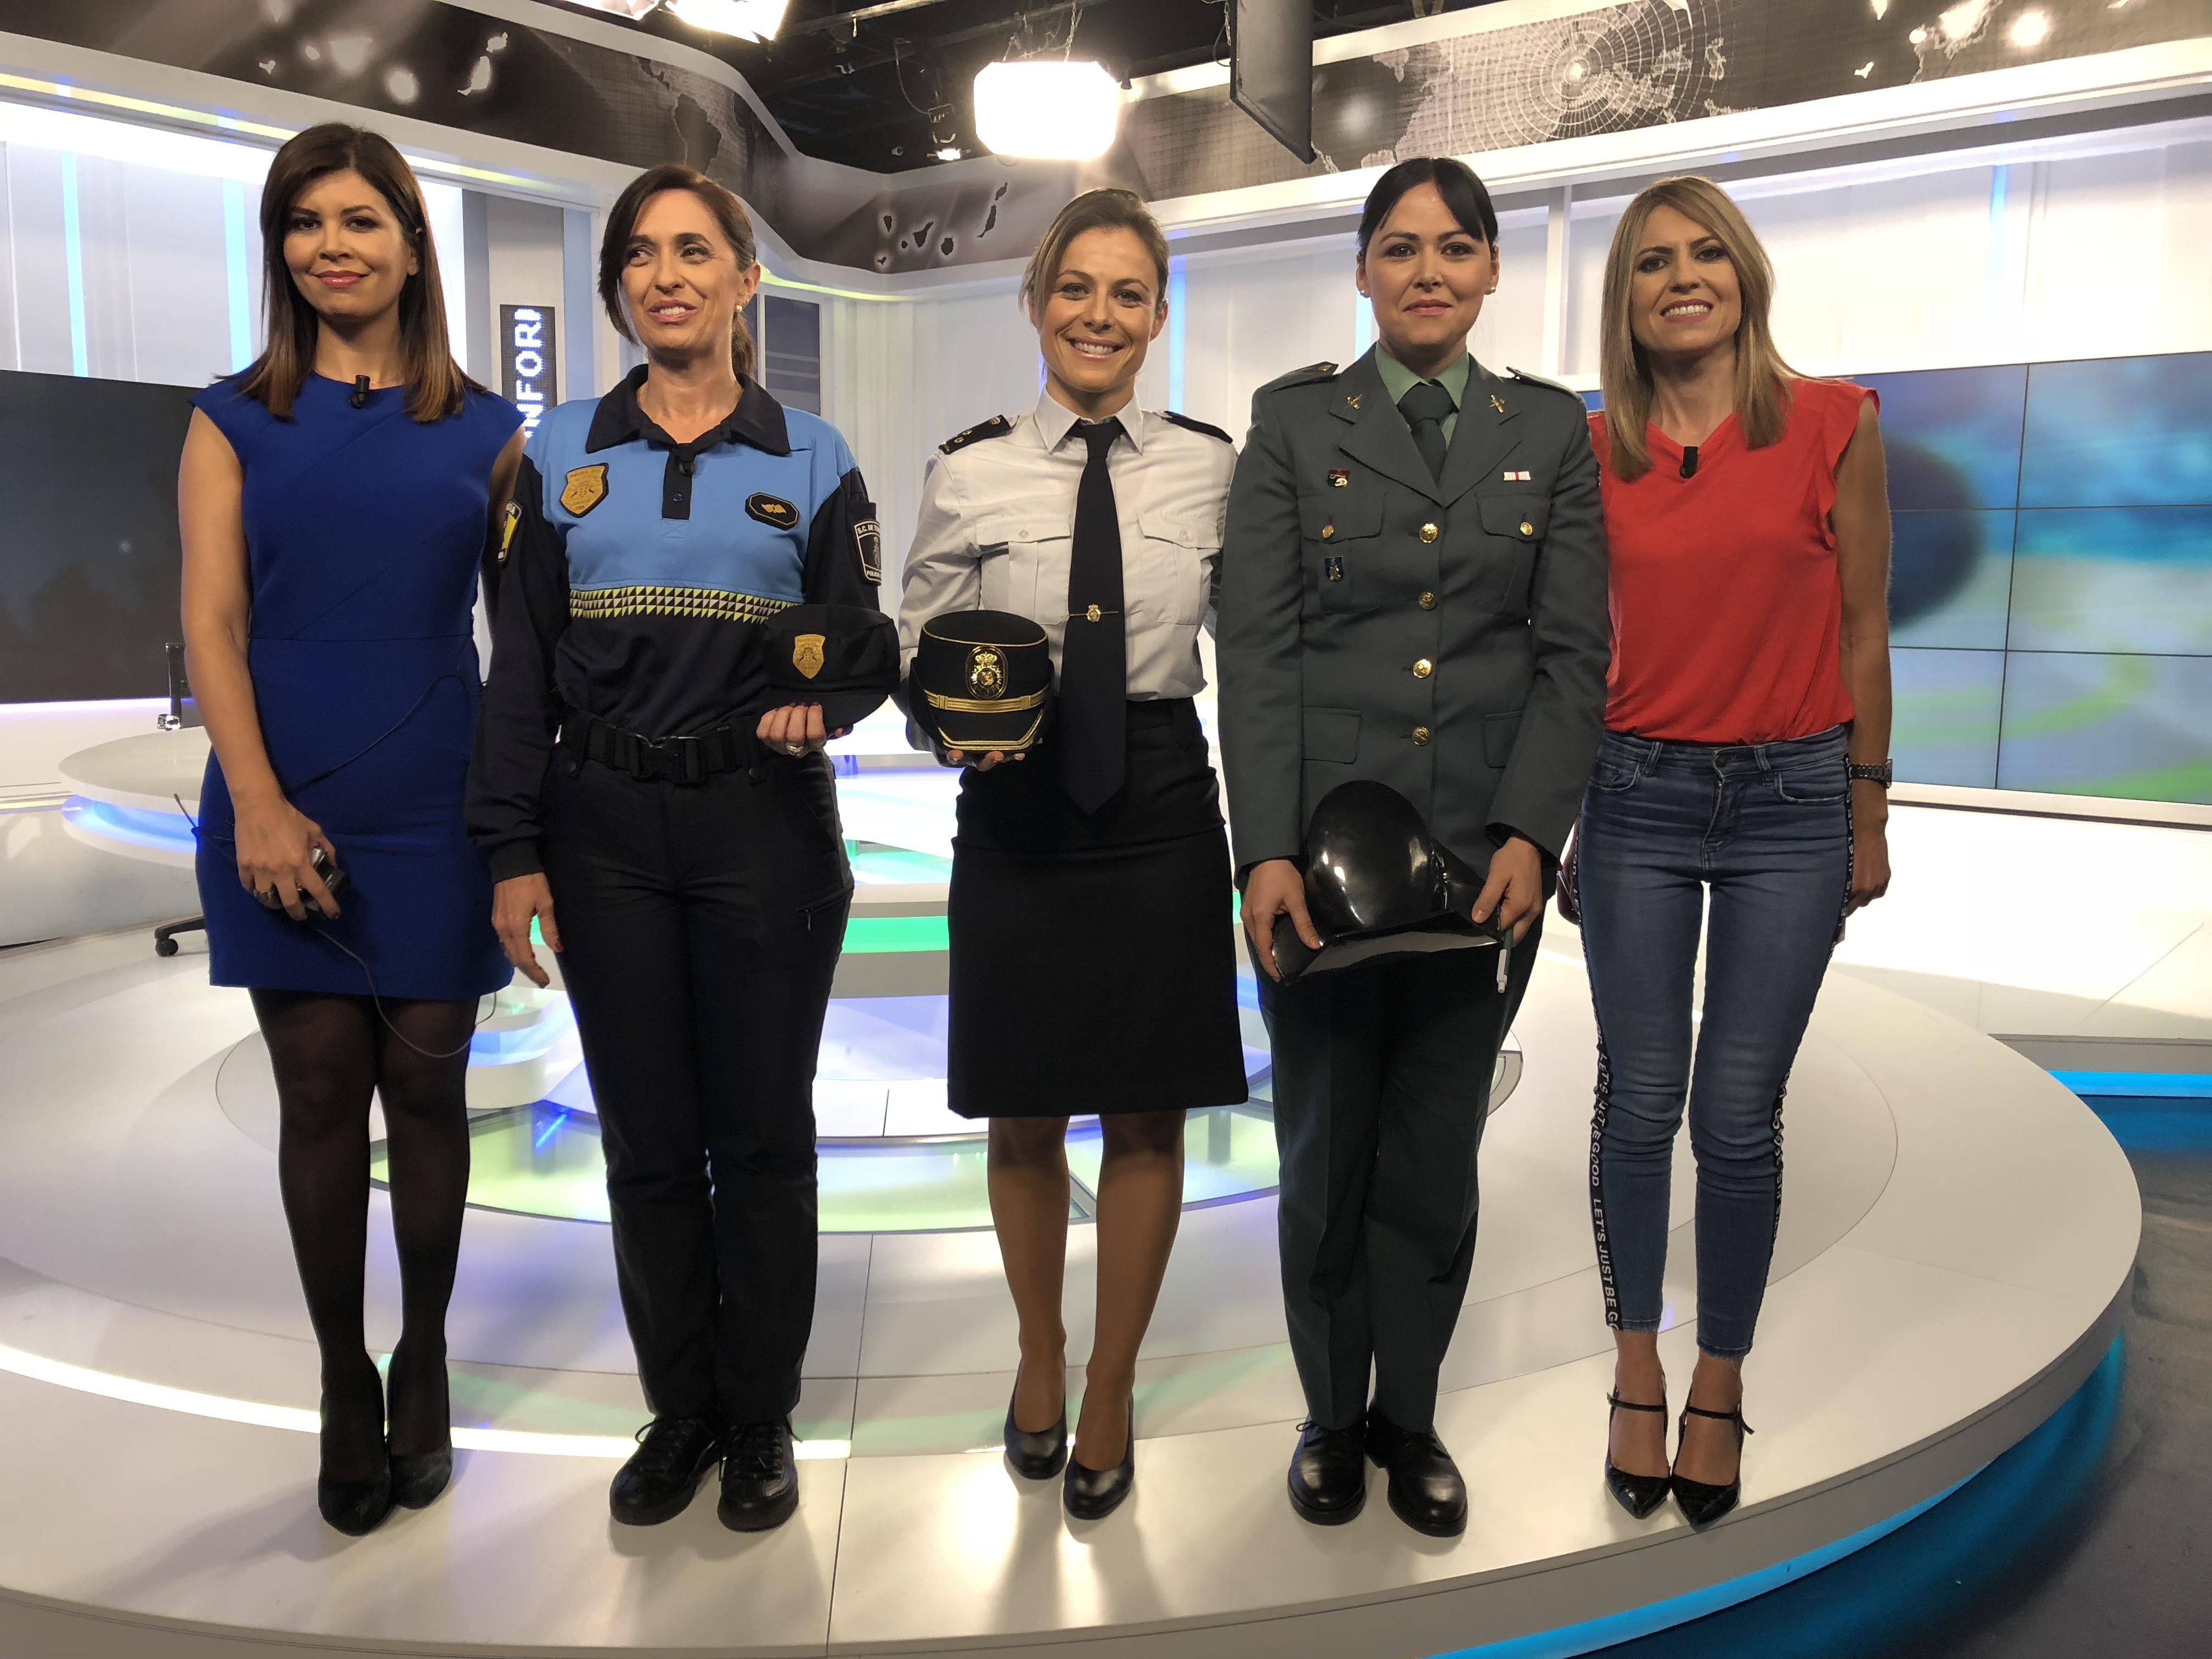 FOTO 5.- POLICÍAS EN TV